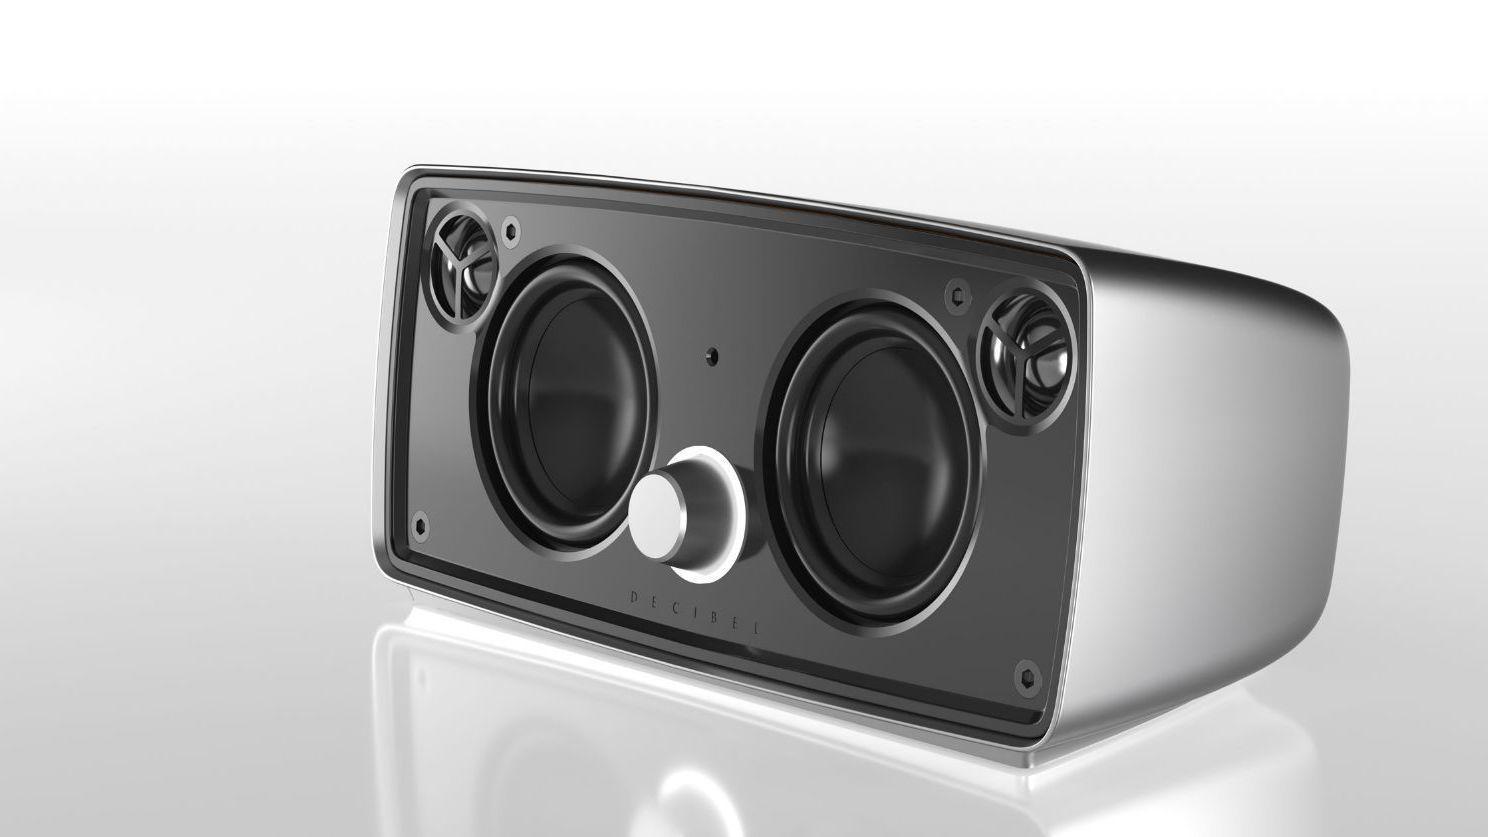 Denne modulære høyttaleren lar deg enkelt skifte ut alle komponentene